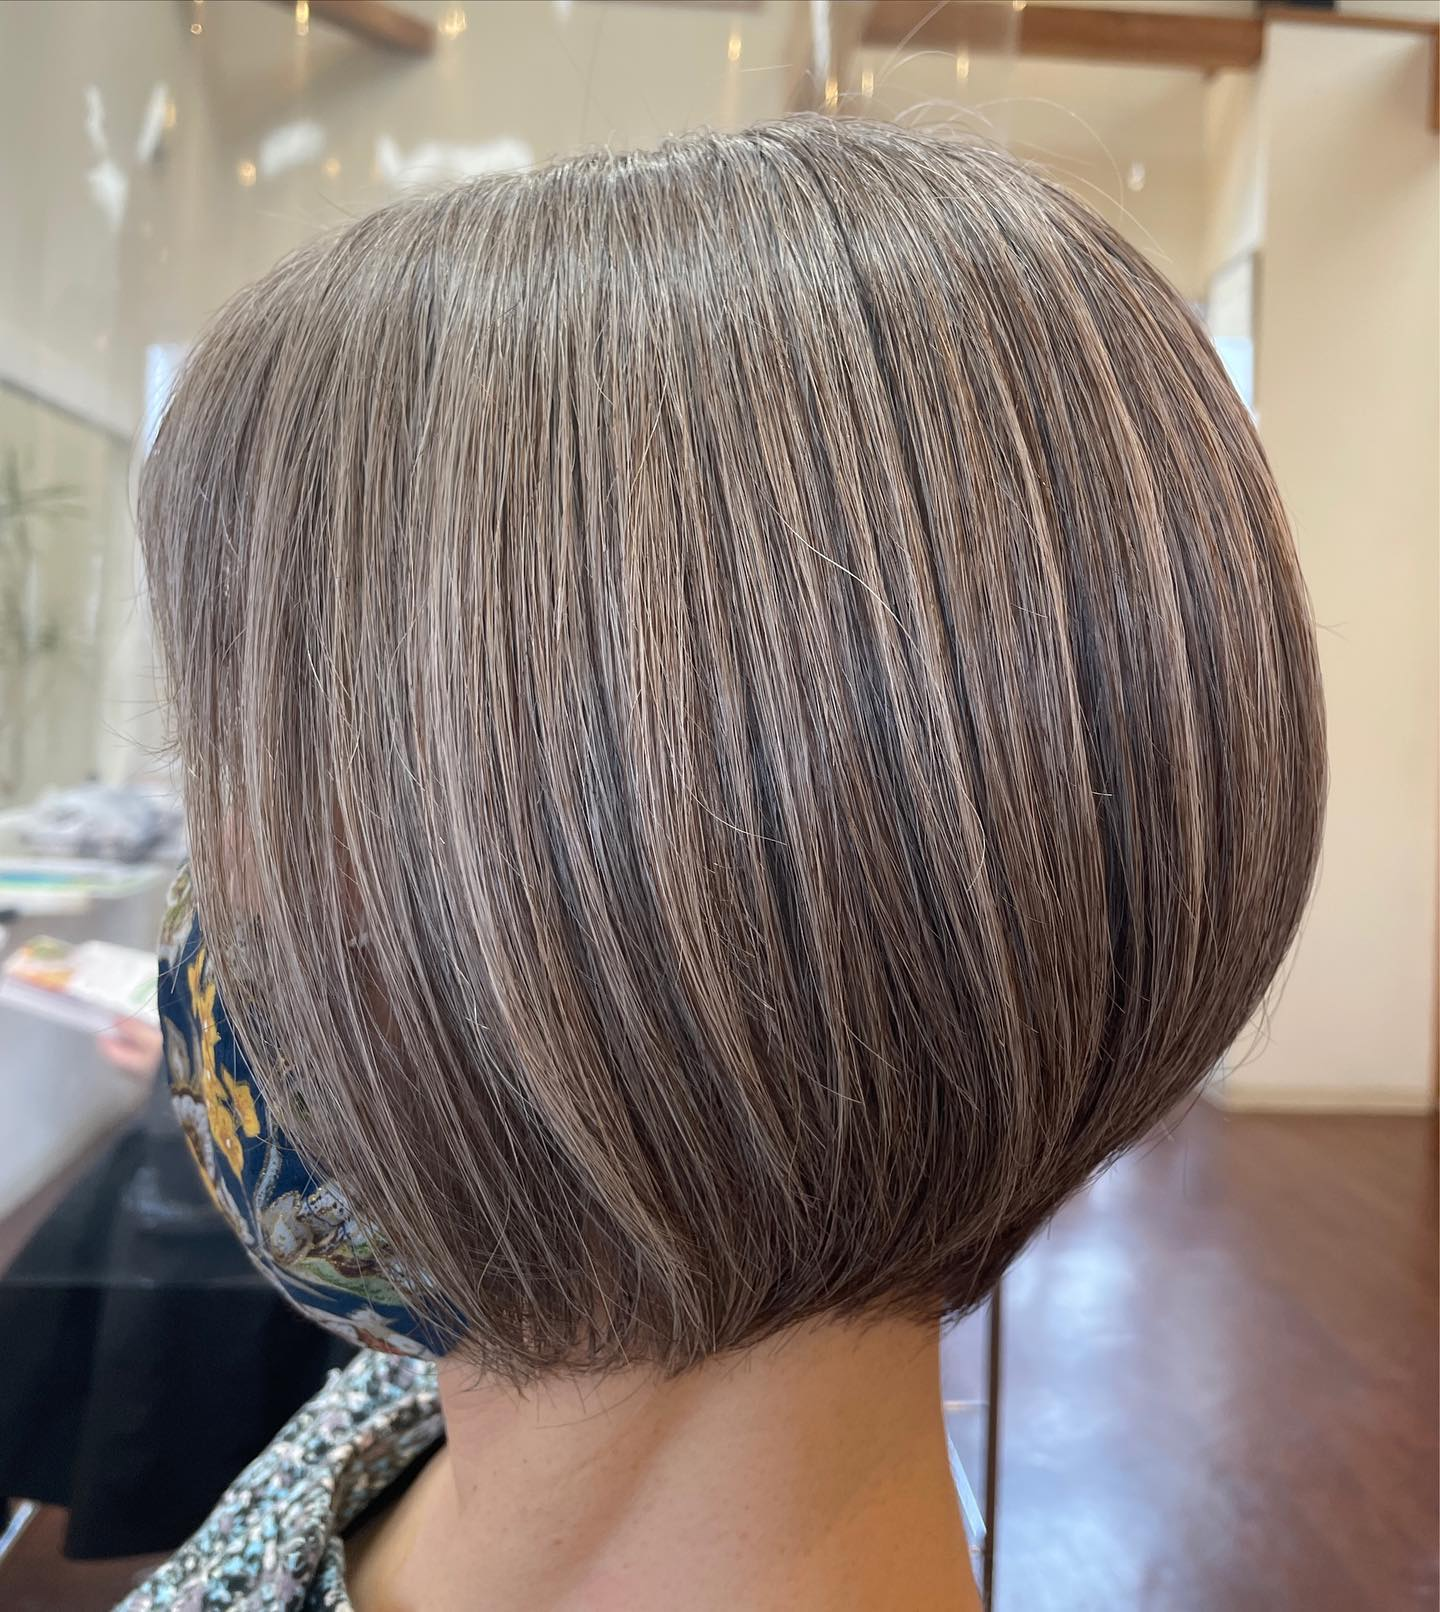 本日のお客様︎∗*゚グレーヘアをクリスタルなフォギーベージュでハイライト感を潰さずにカラー(⁎⁍̴̛ᴗ⁍̴̛⁎)肌に馴染む髪色で美人髪の出来上がりです( ︎ᴗ︎ )